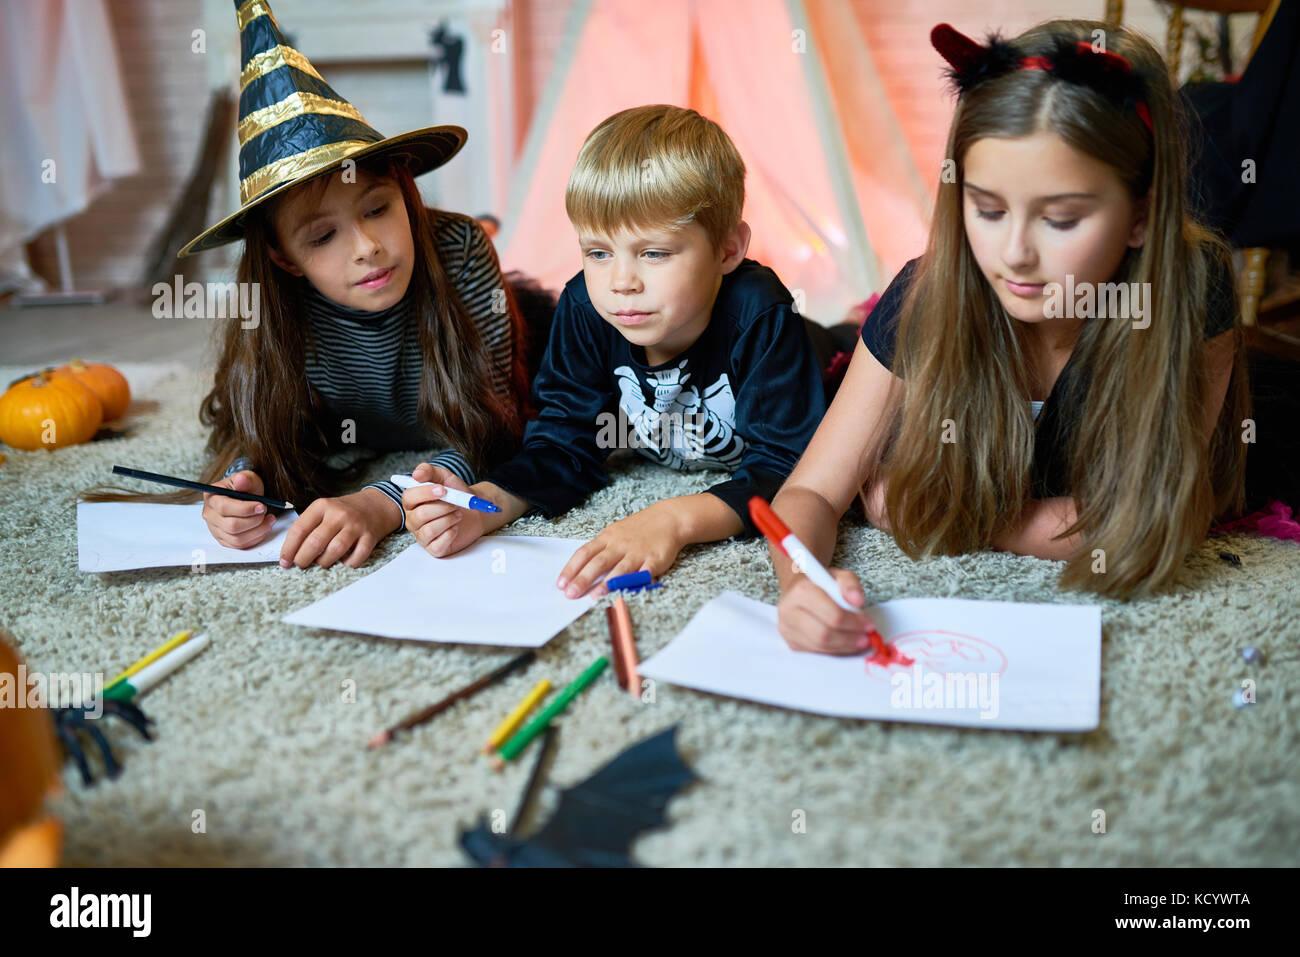 Süße kleine Freunde tragen phantastische Kostüme auf gemütlichen Teppich im Wohnzimmer für Stockbild